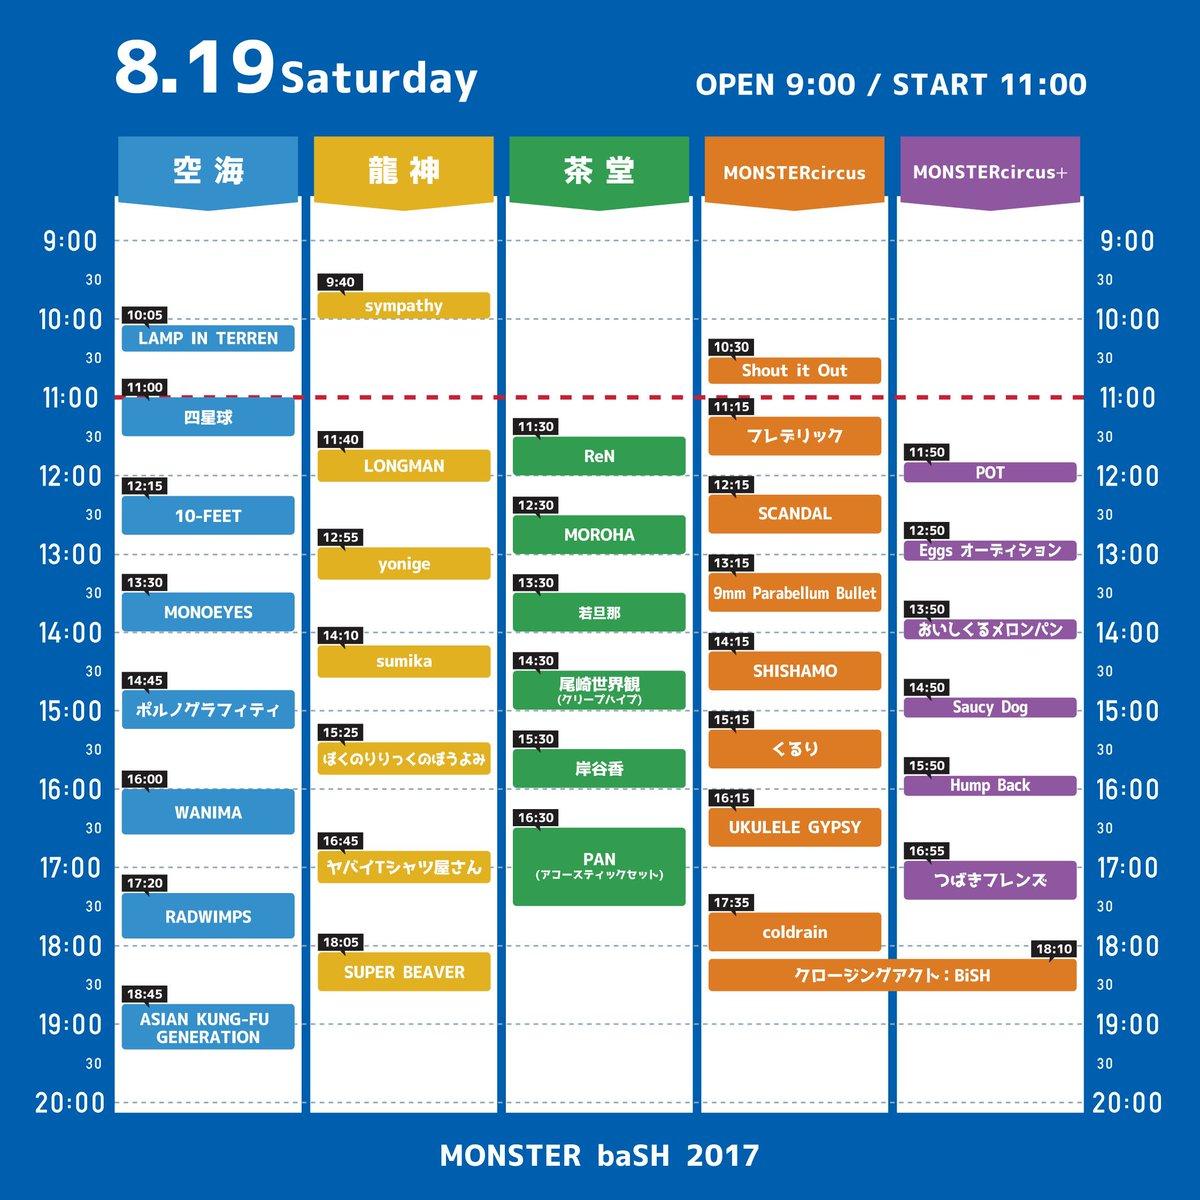 【タイムテーブル発表!!】  モンバス開催まであと50日! アナタだけのタイムテーブルを作って当日までワクワクしよう!!  monsterbash.jp  #モンバス